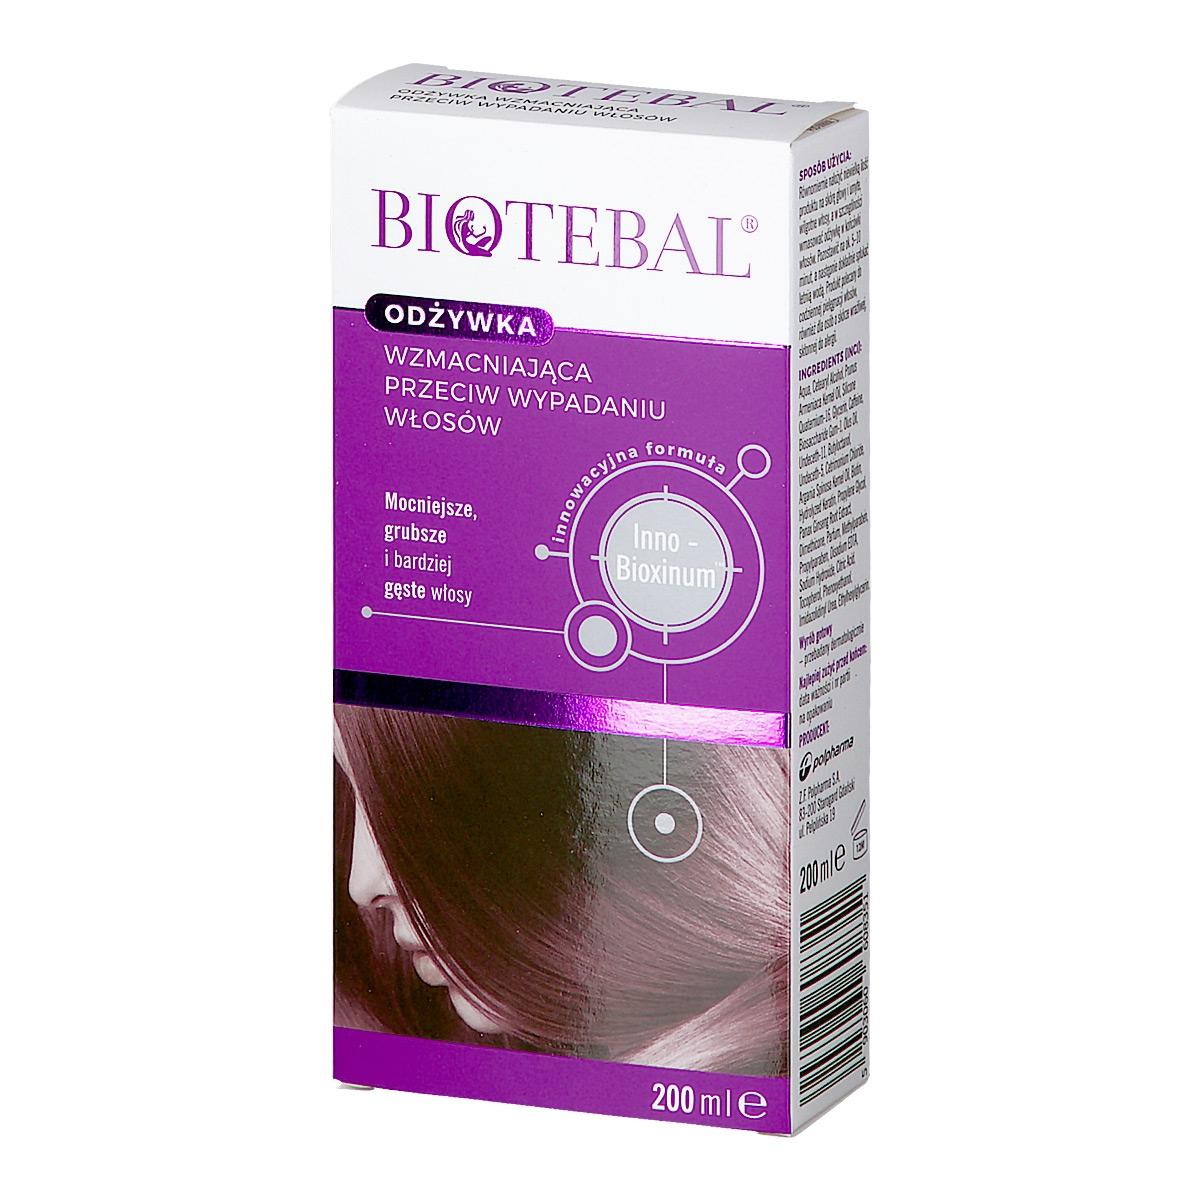 Image of Biotebal odżywka do włosów wypadających